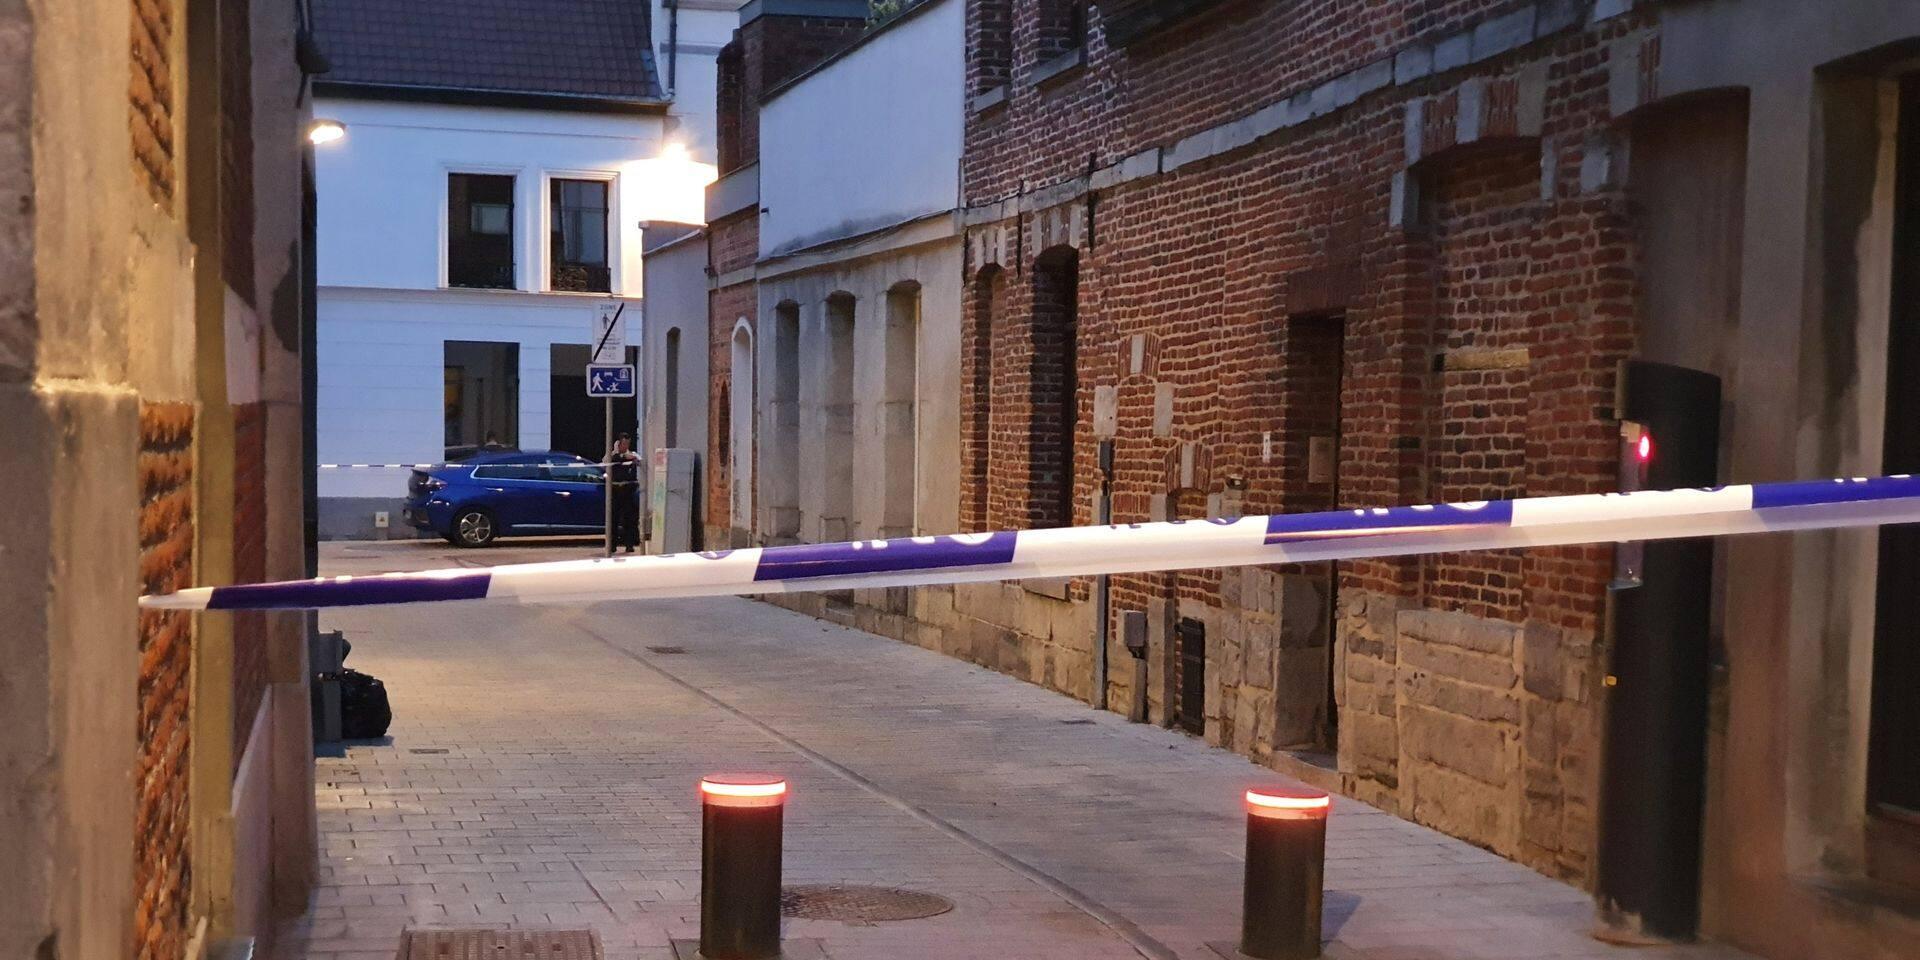 """Meurtre à Tournai: """"L'usage d'une arme n'est pas à exclure"""""""